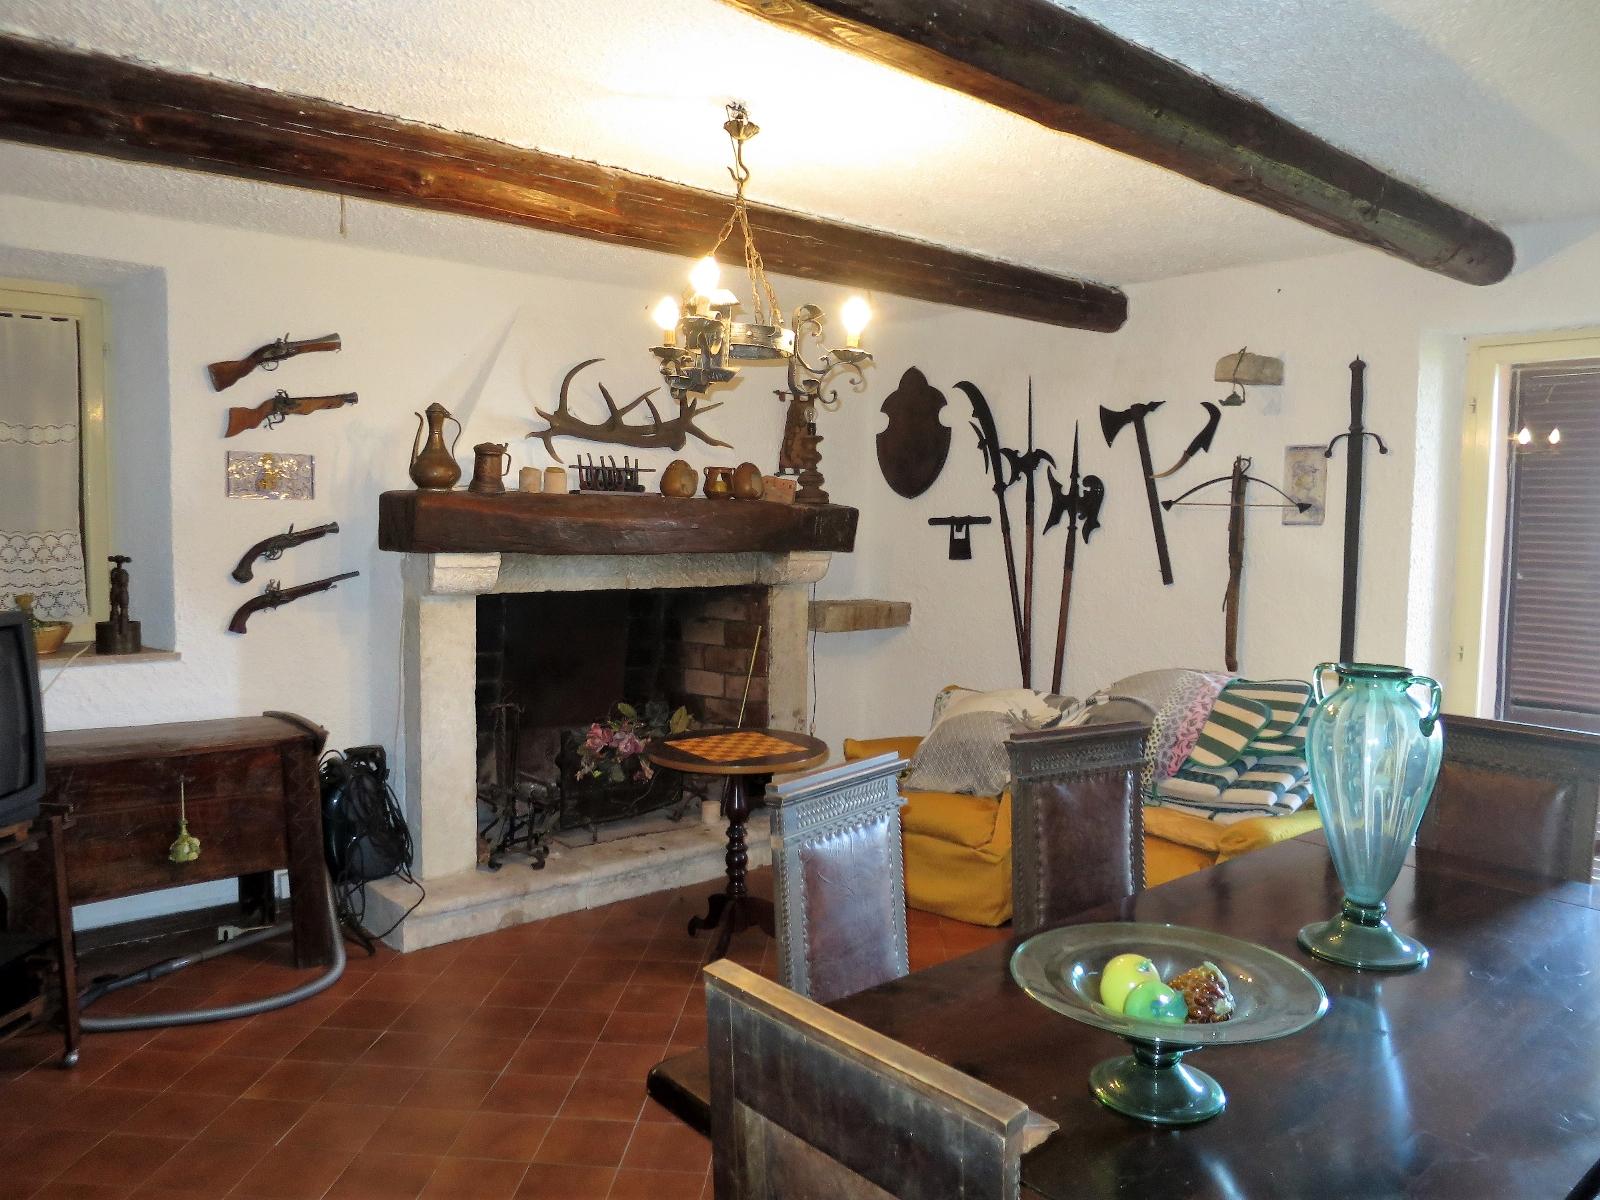 Country Houses Country Houses for sale Montebello di Bertona (PE), Casa Parco - Montebello di Bertona - EUR 195.521 430